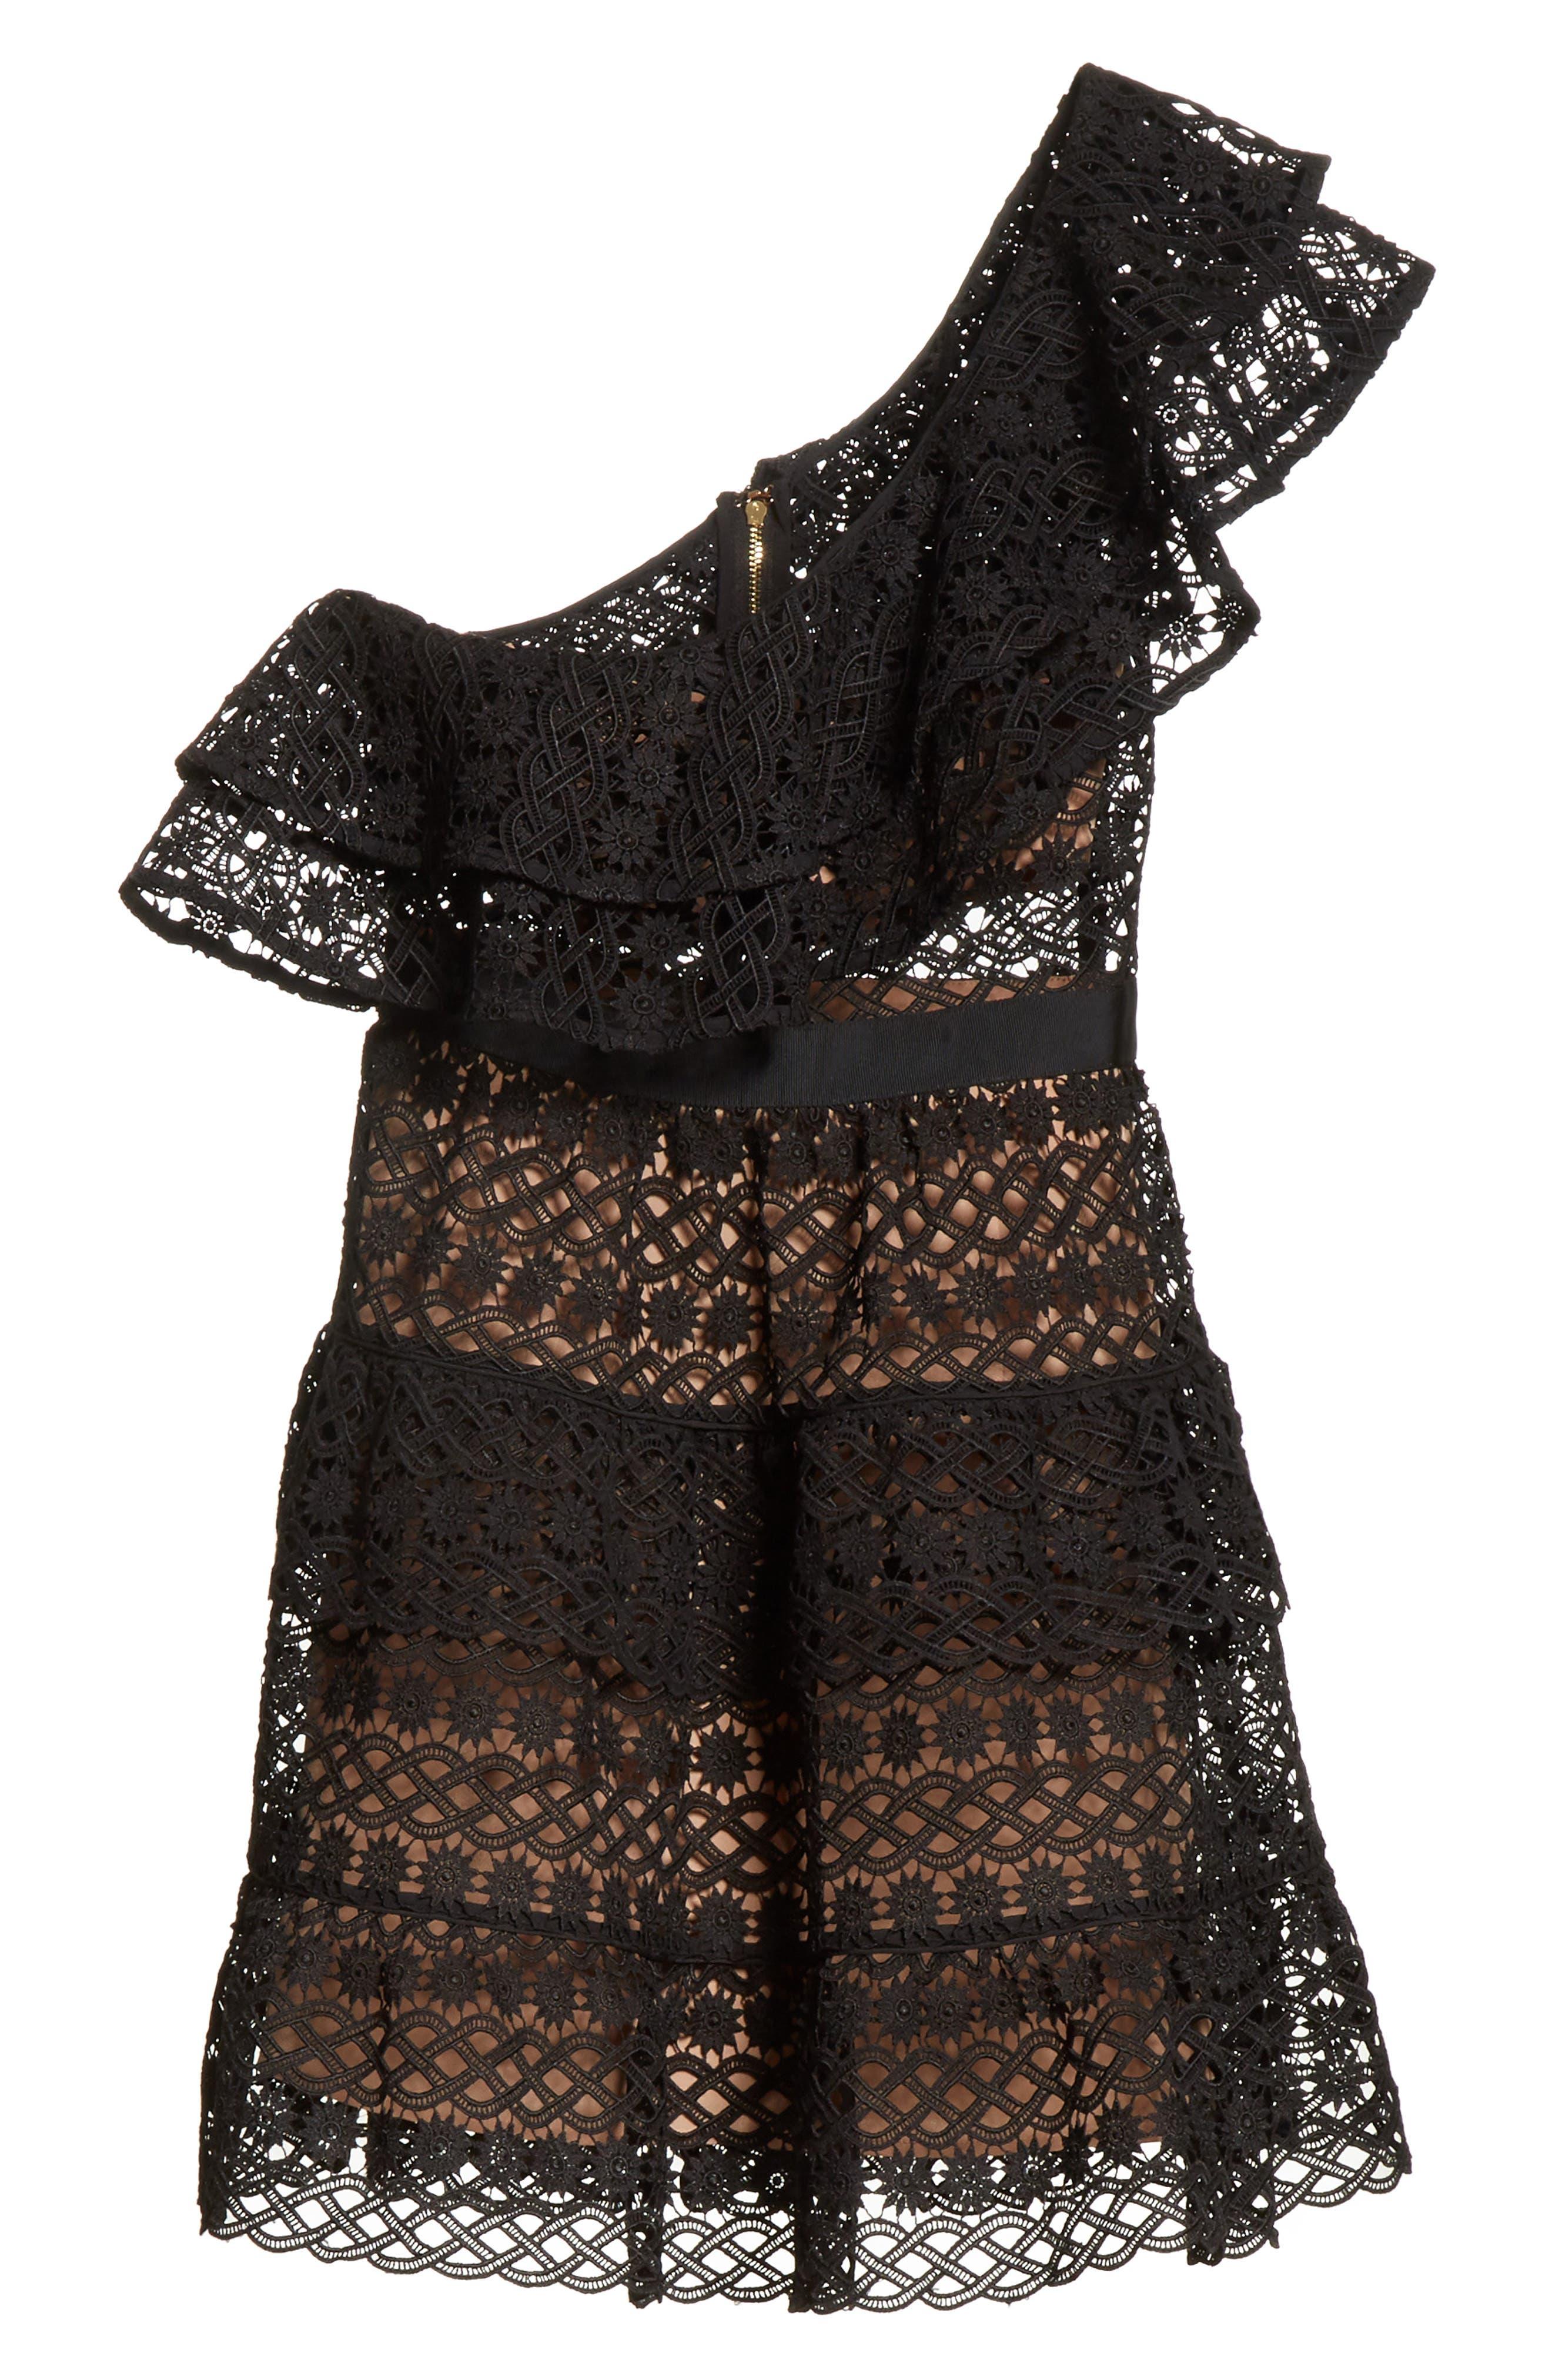 Floral Chain Lace One-Shoulder Dress,                             Alternate thumbnail 6, color,                             001